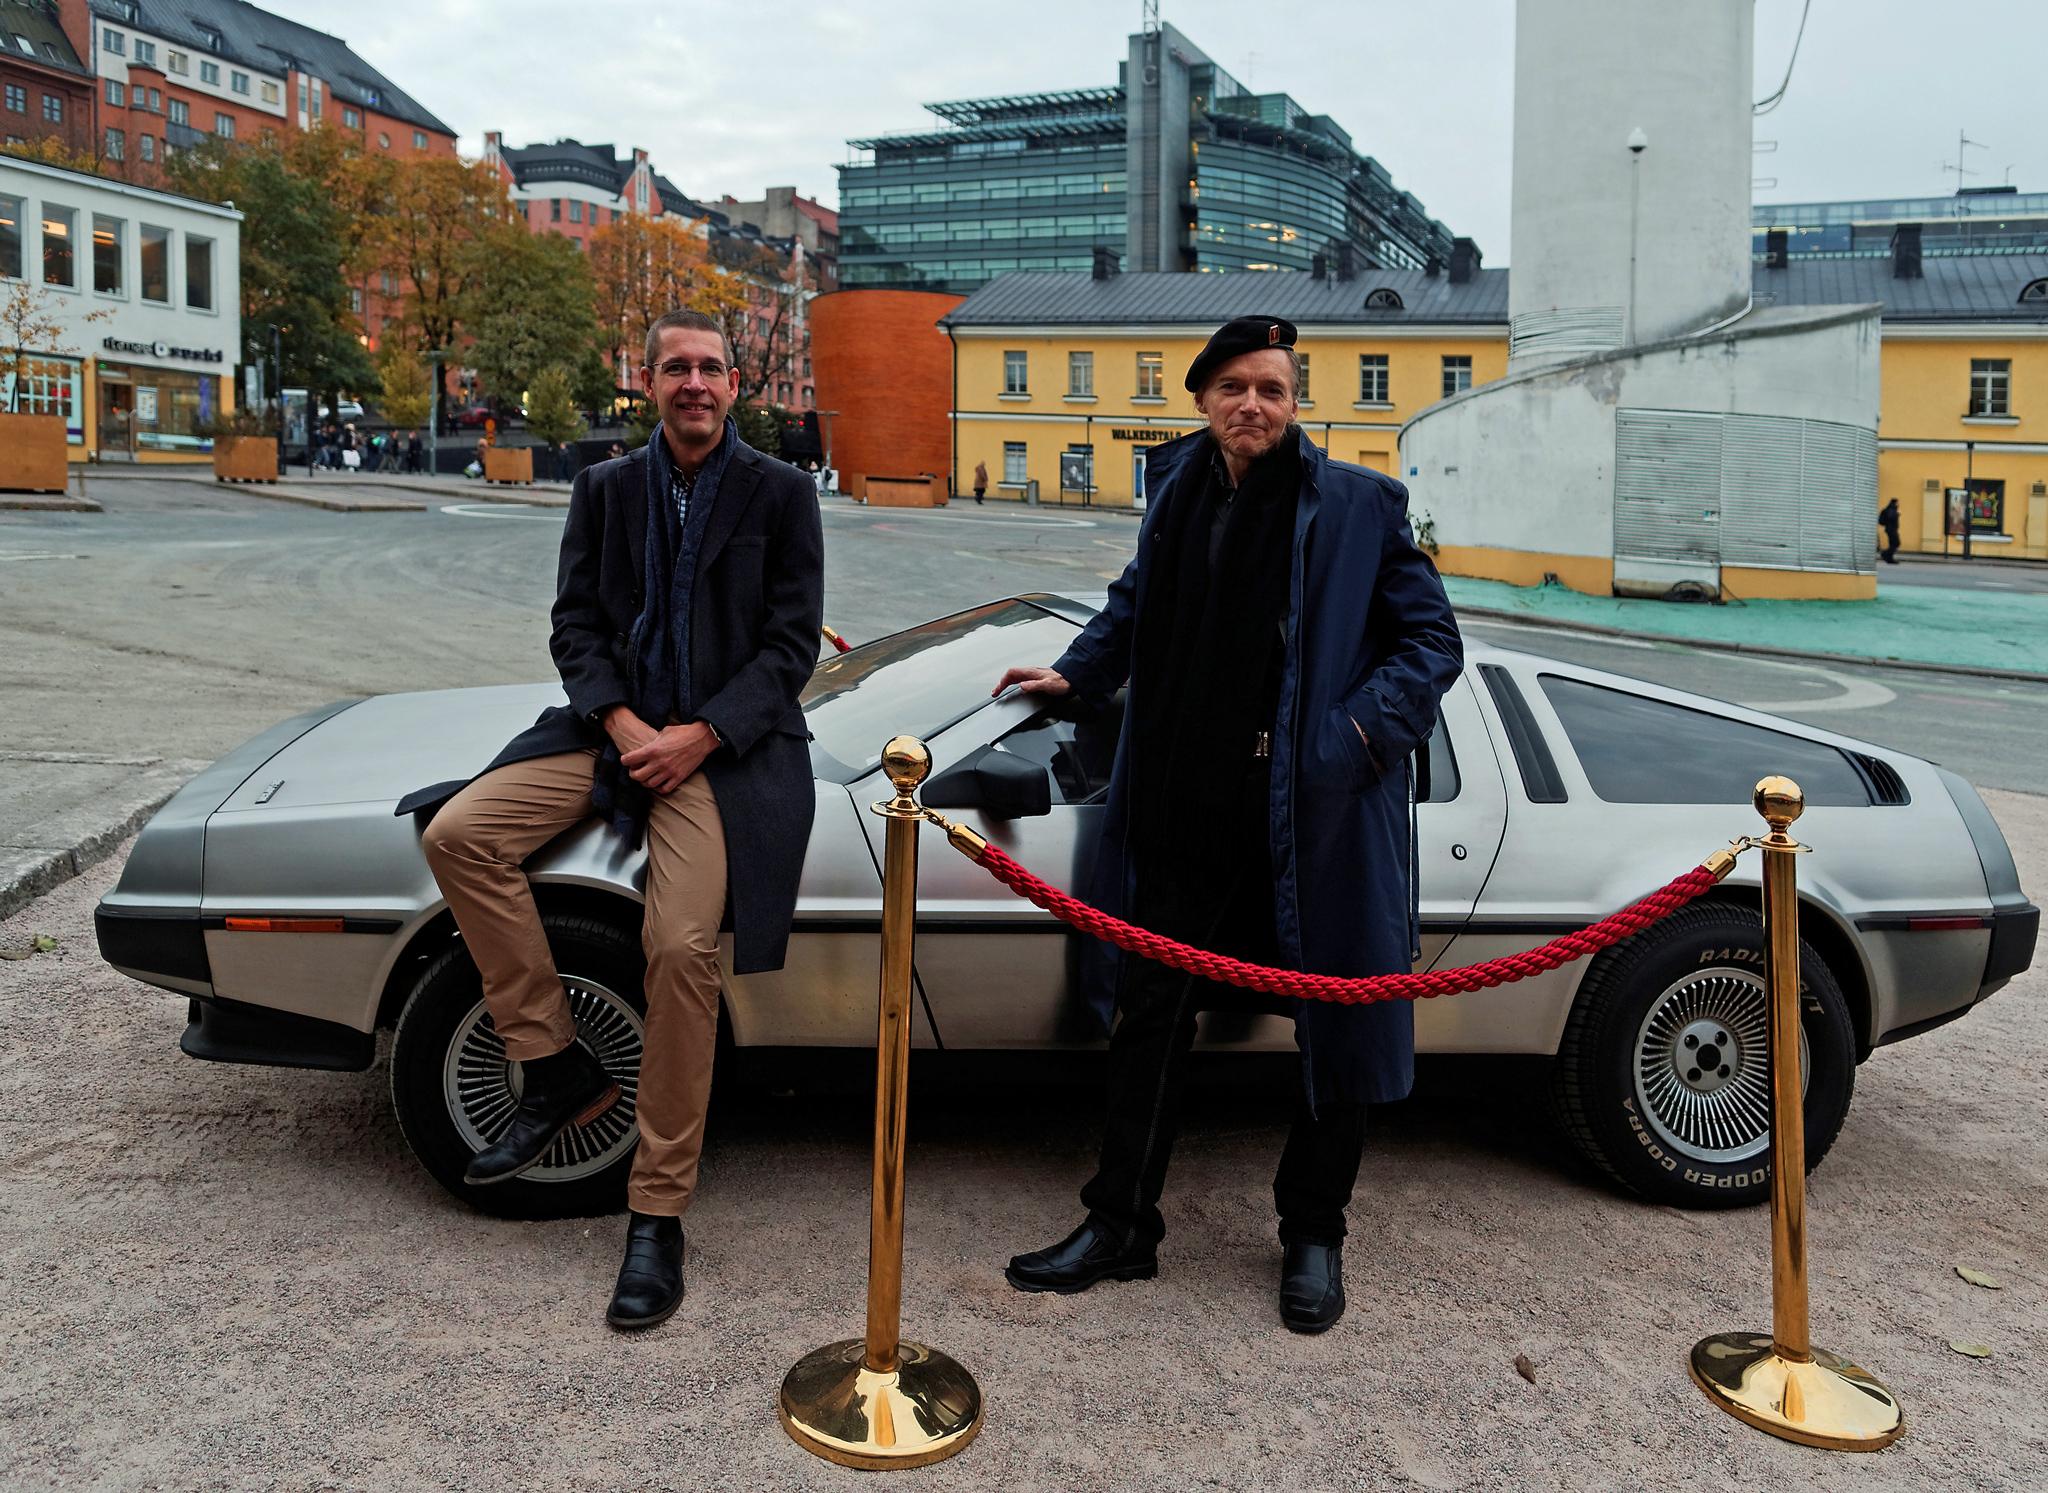 Tiedetoimittaja Jari Mäkinen ja mediatutkija, filosofian tohtori Veijo Hietala keskustelivat Helsingin Bio-Rexissä järjestetyssä Paluu tulevaisuuteen -elokuvatapahtumassa aikamatkustuksesta. Taustalla näkyvä DeLorean DMC-12 -auto edusti Paluu tulevaisuuteen klassikkoelukvatrilogiassa 1980-luvun näkemystä aikakoneesta.